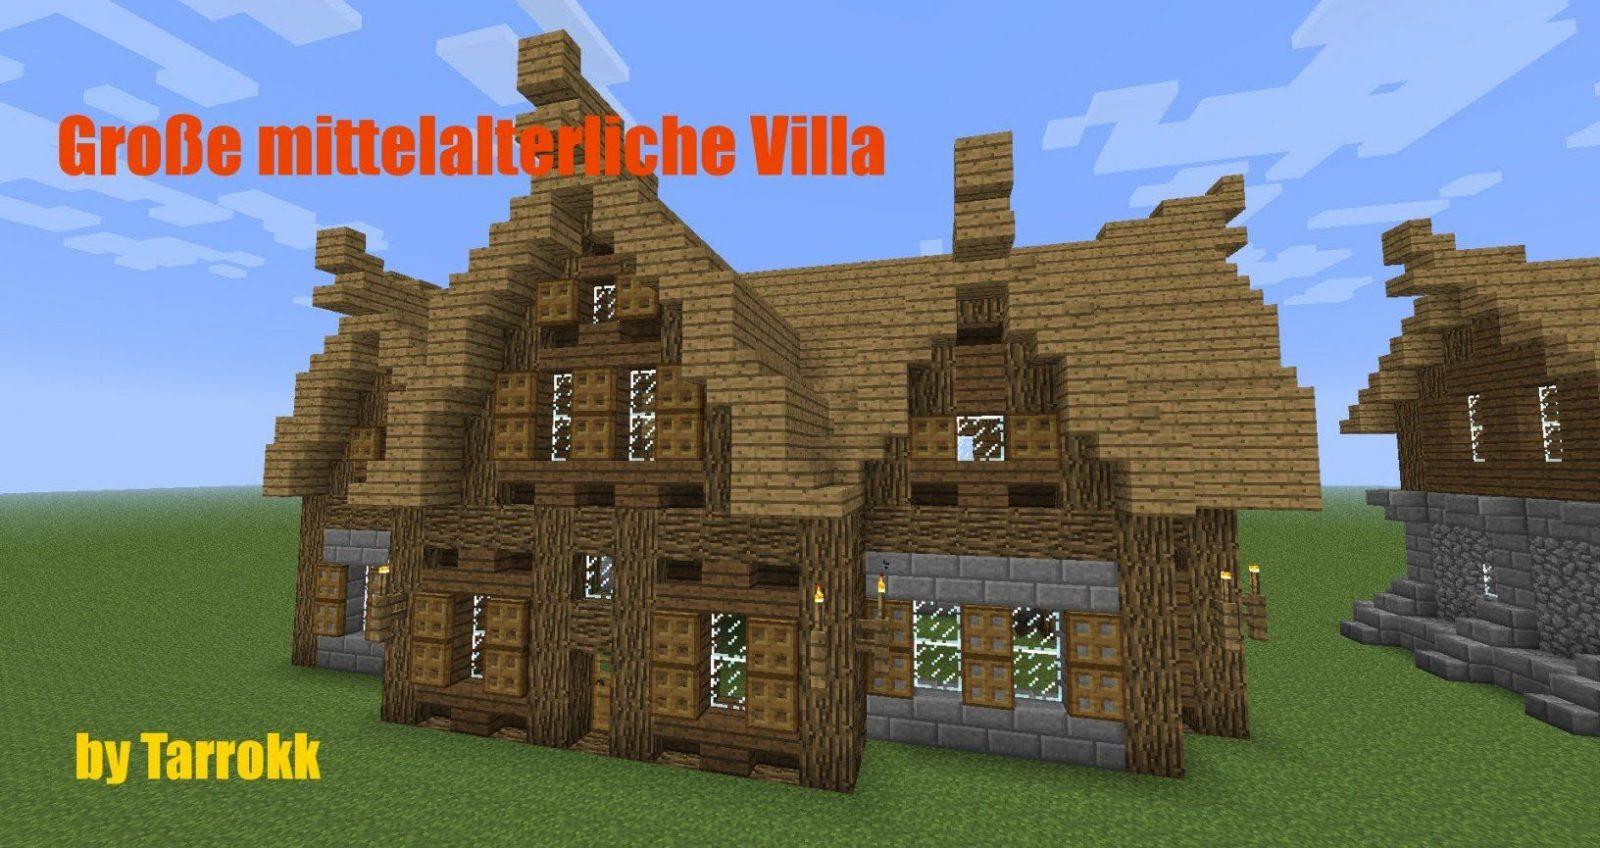 Fabelhaft Minecraft Burg Tutorial 1 [Deutsch] Youtube von Minecraft Baupläne #LB_53